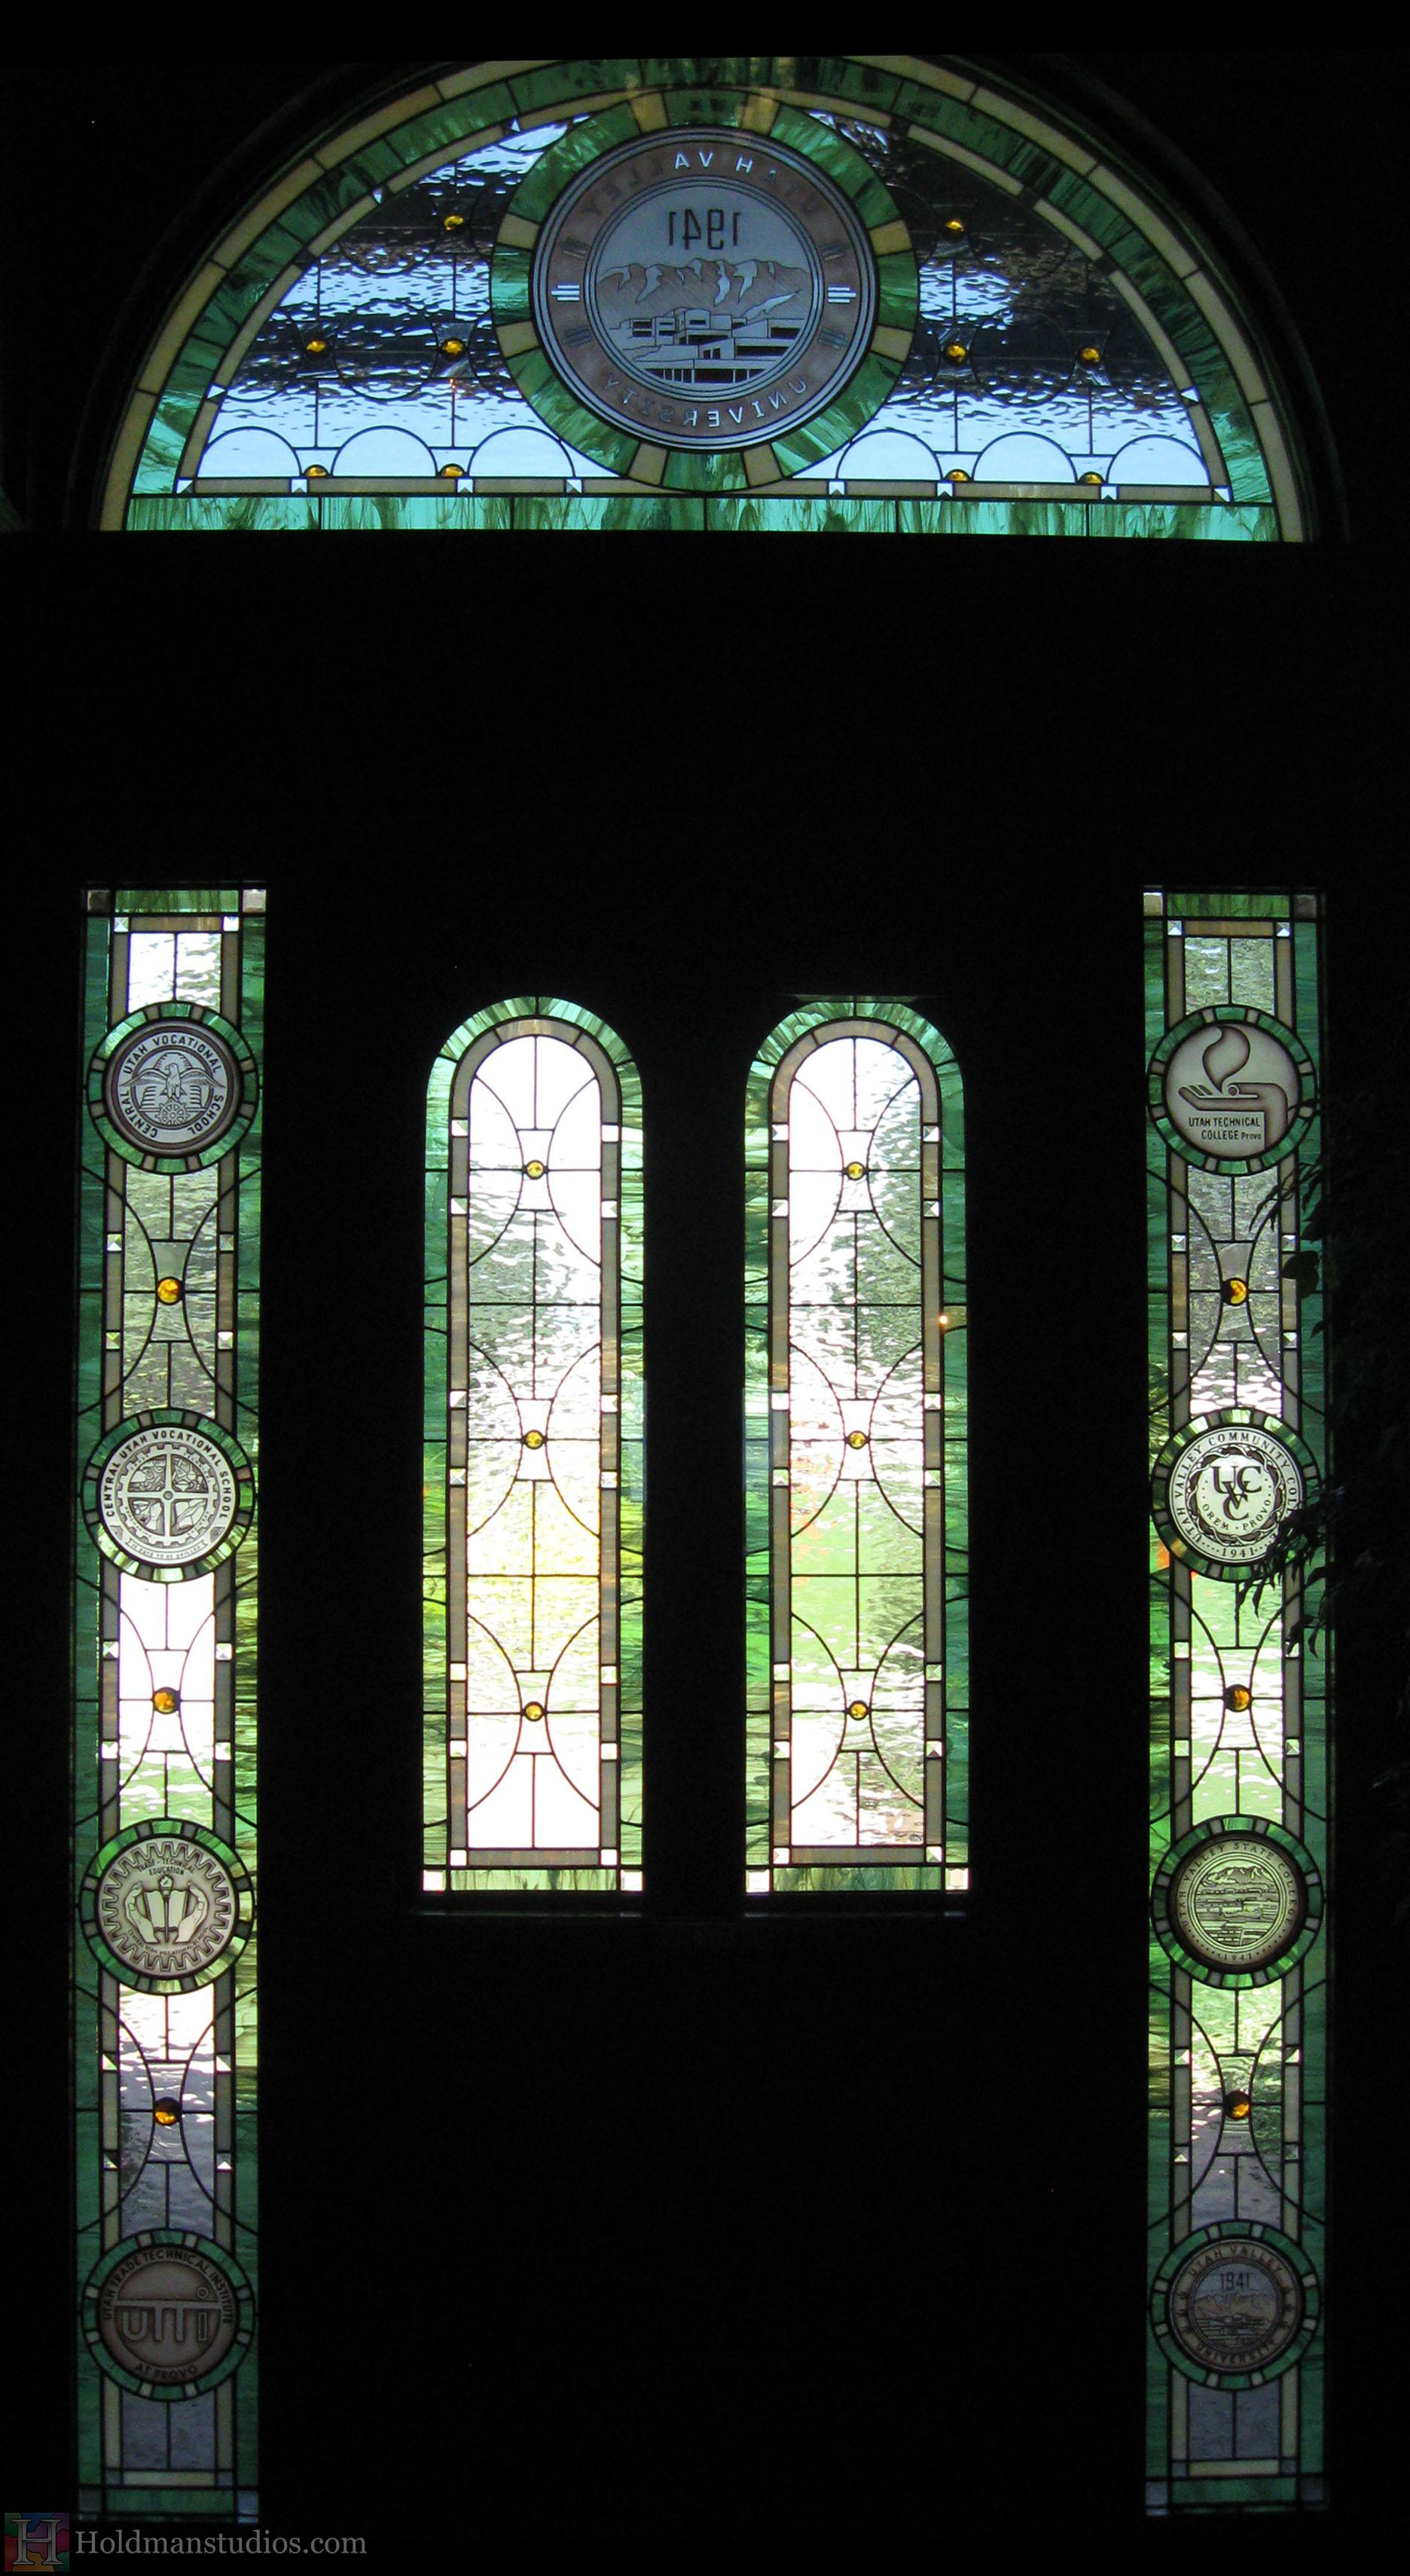 Holdman-studios-stained-glass-front-door-sidelight-transom-windows-utah-valley-university-alumni-house.jpg